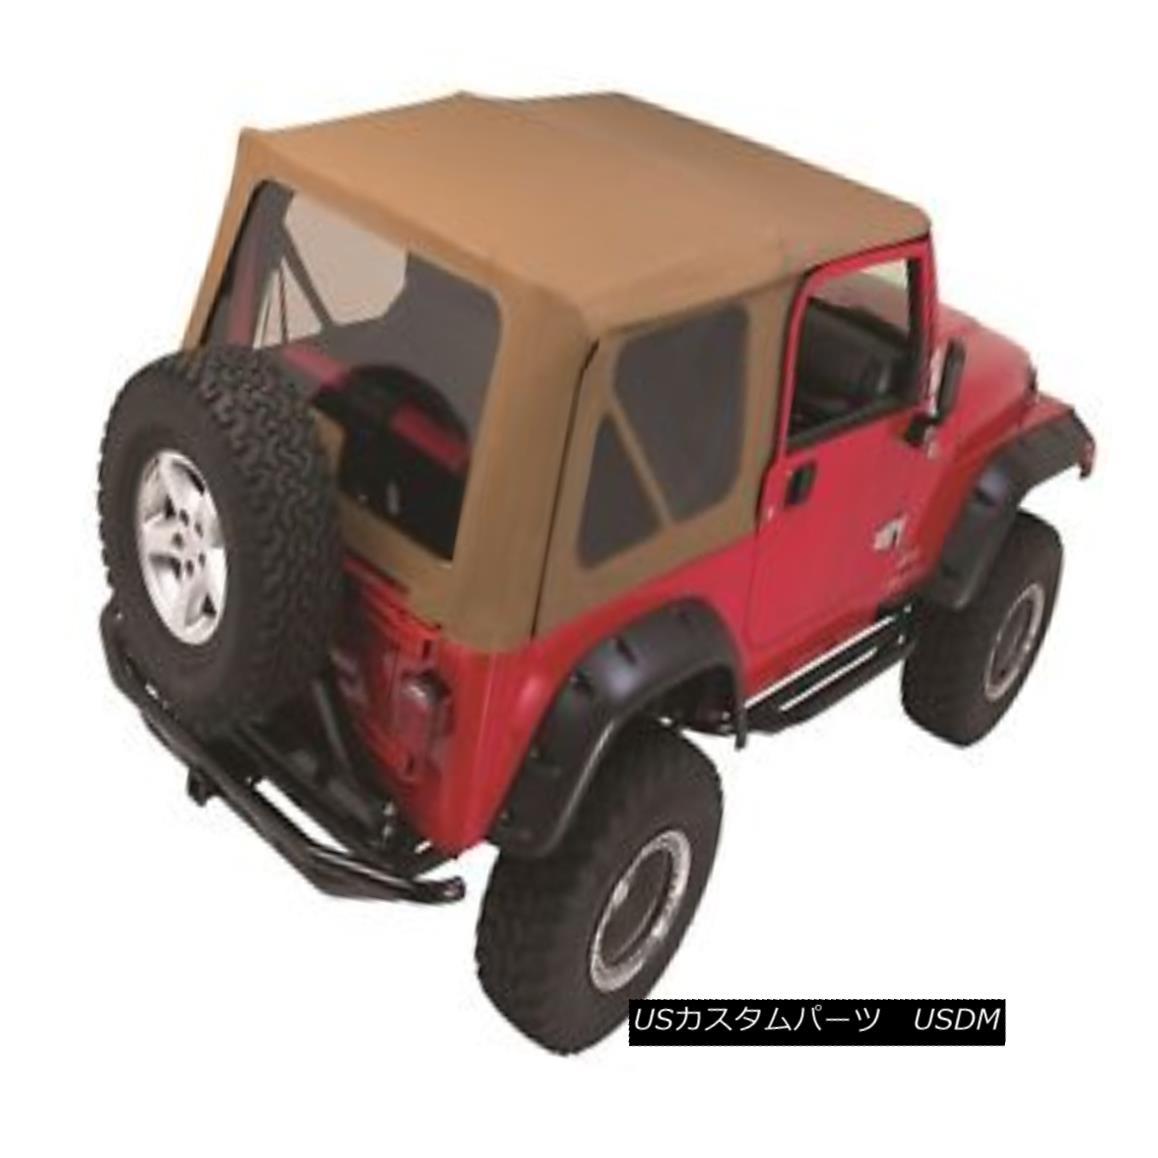 幌・ソフトトップ Rampage 68317 Complete Soft Top Kit Fits 97-06 Wrangler (LJ) Wrangler (TJ) Rampage 68317完全なソフトトップキットが97-06 Wrangler(LJ)Wrangler(TJ)に適合